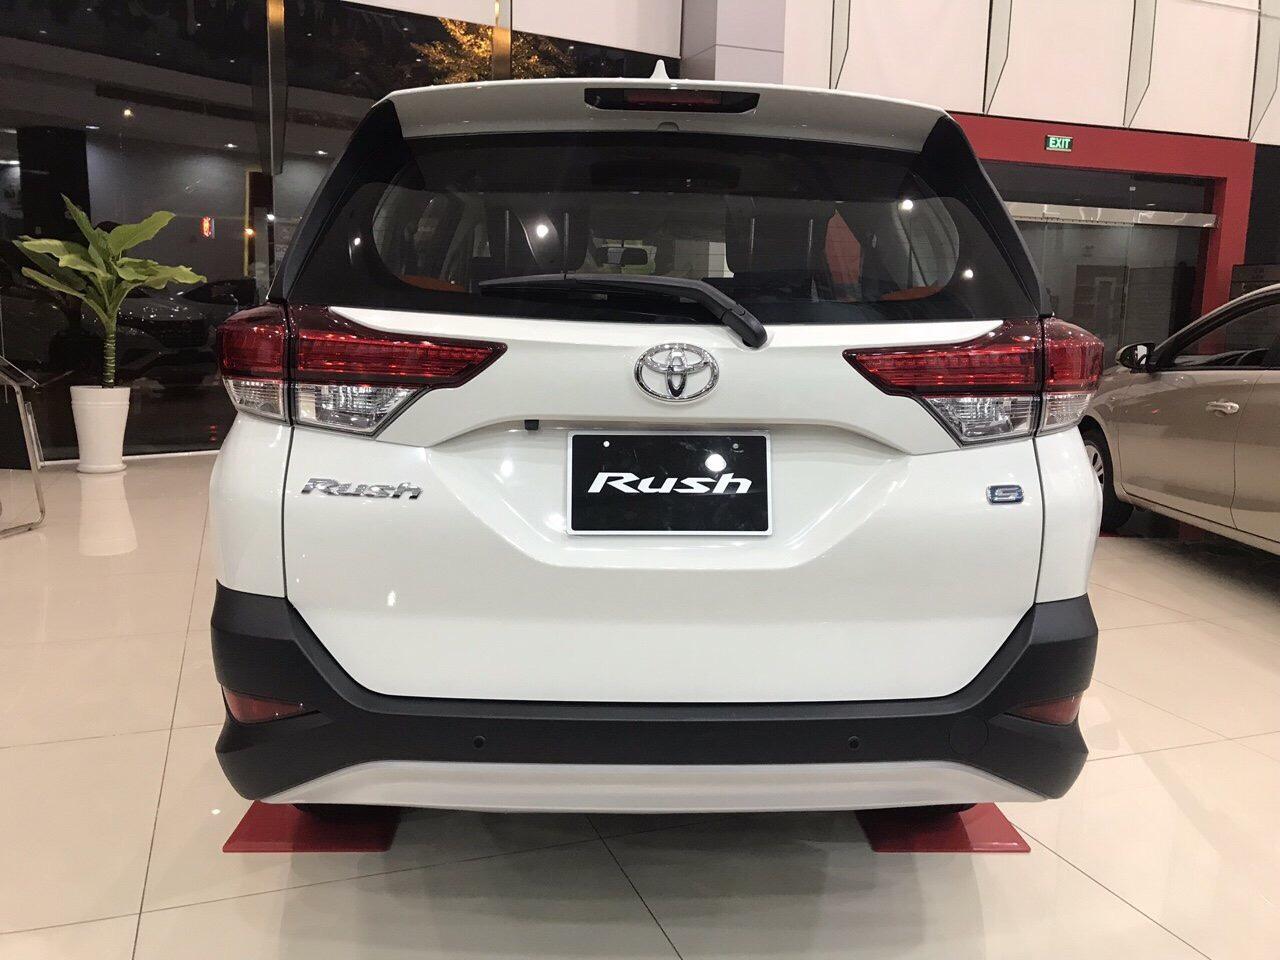 Toyota Rush màu trắng ảnh 4 - Toyota Rush: giá xe và khuyến mãi tháng [hienthithang]